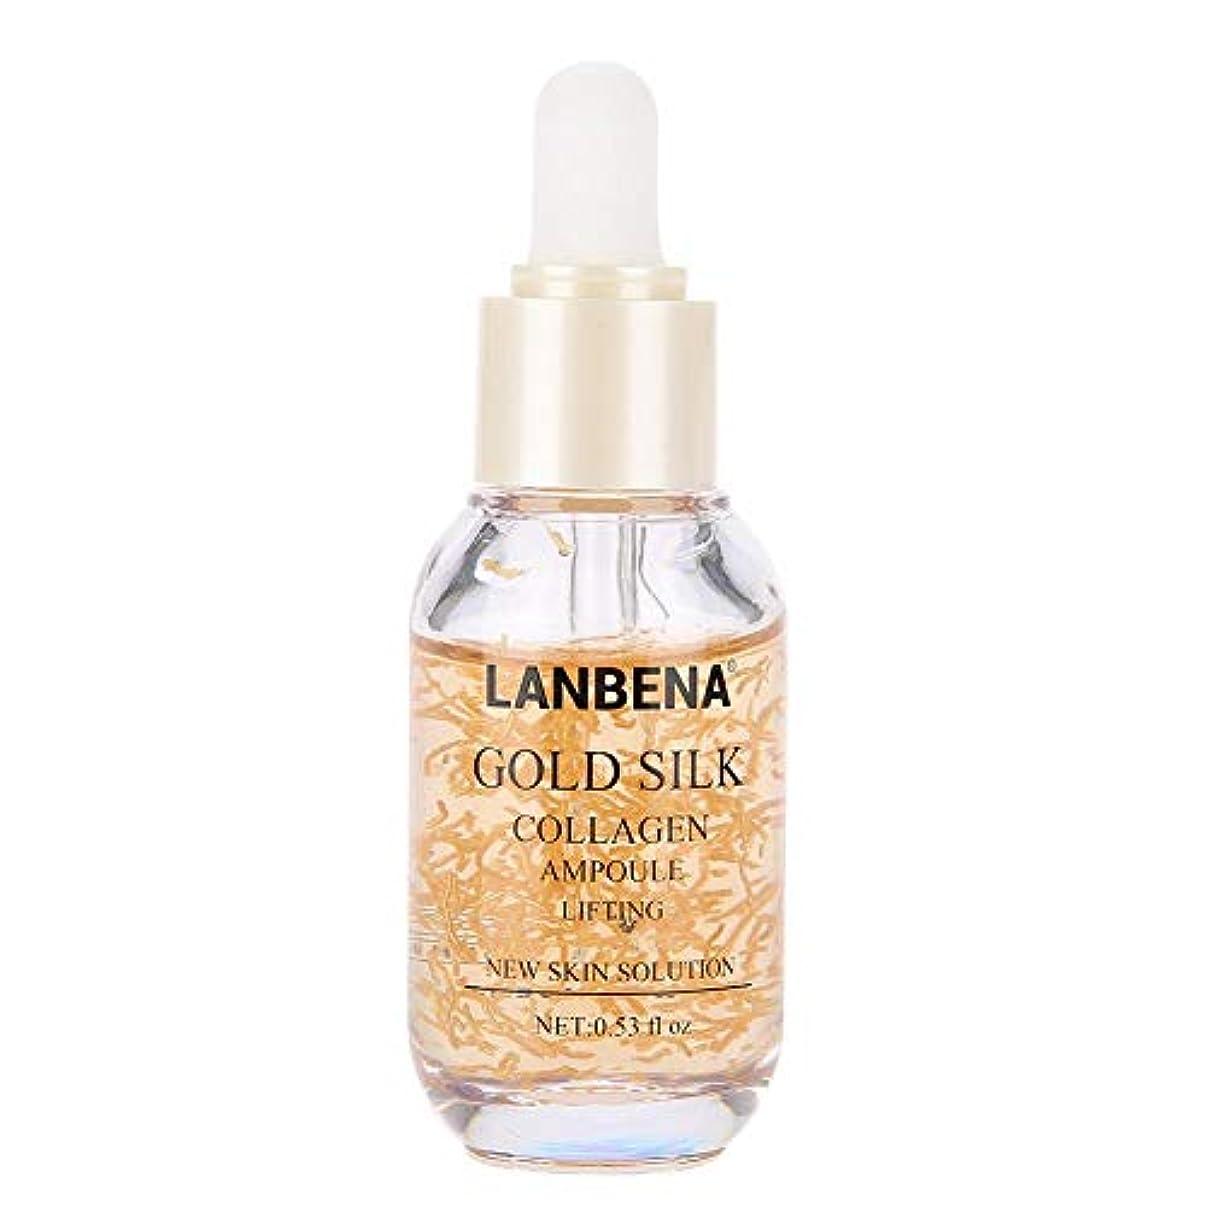 木製染色トーナメントコラーゲンフェイシャルエッセンス、肌への潤い 修理 保湿 引き締め 肌の輝き ユニセックス スキンケア製品